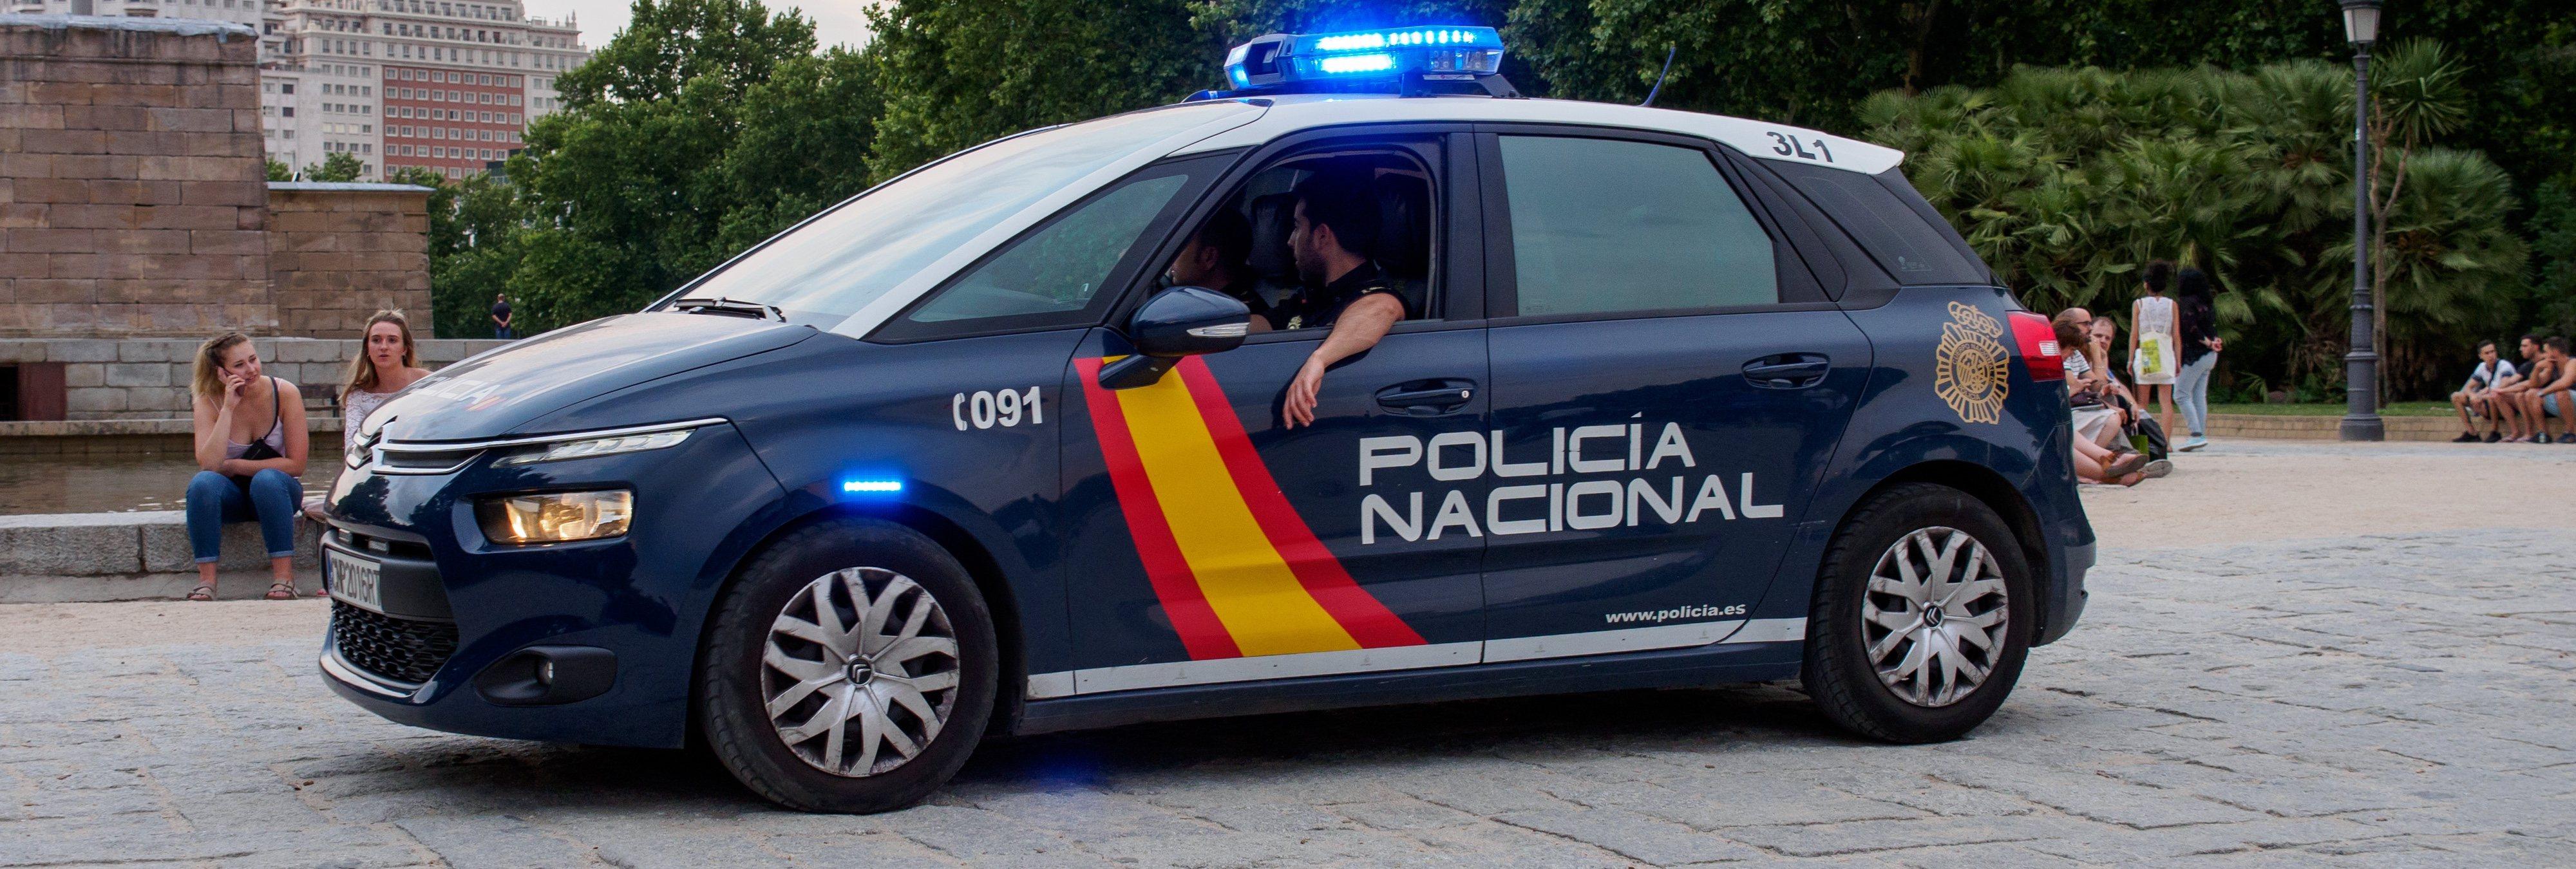 """El autor de la agresión a un fotoperiodista al grito de """"Viva Franco"""" es Policía Nacional"""